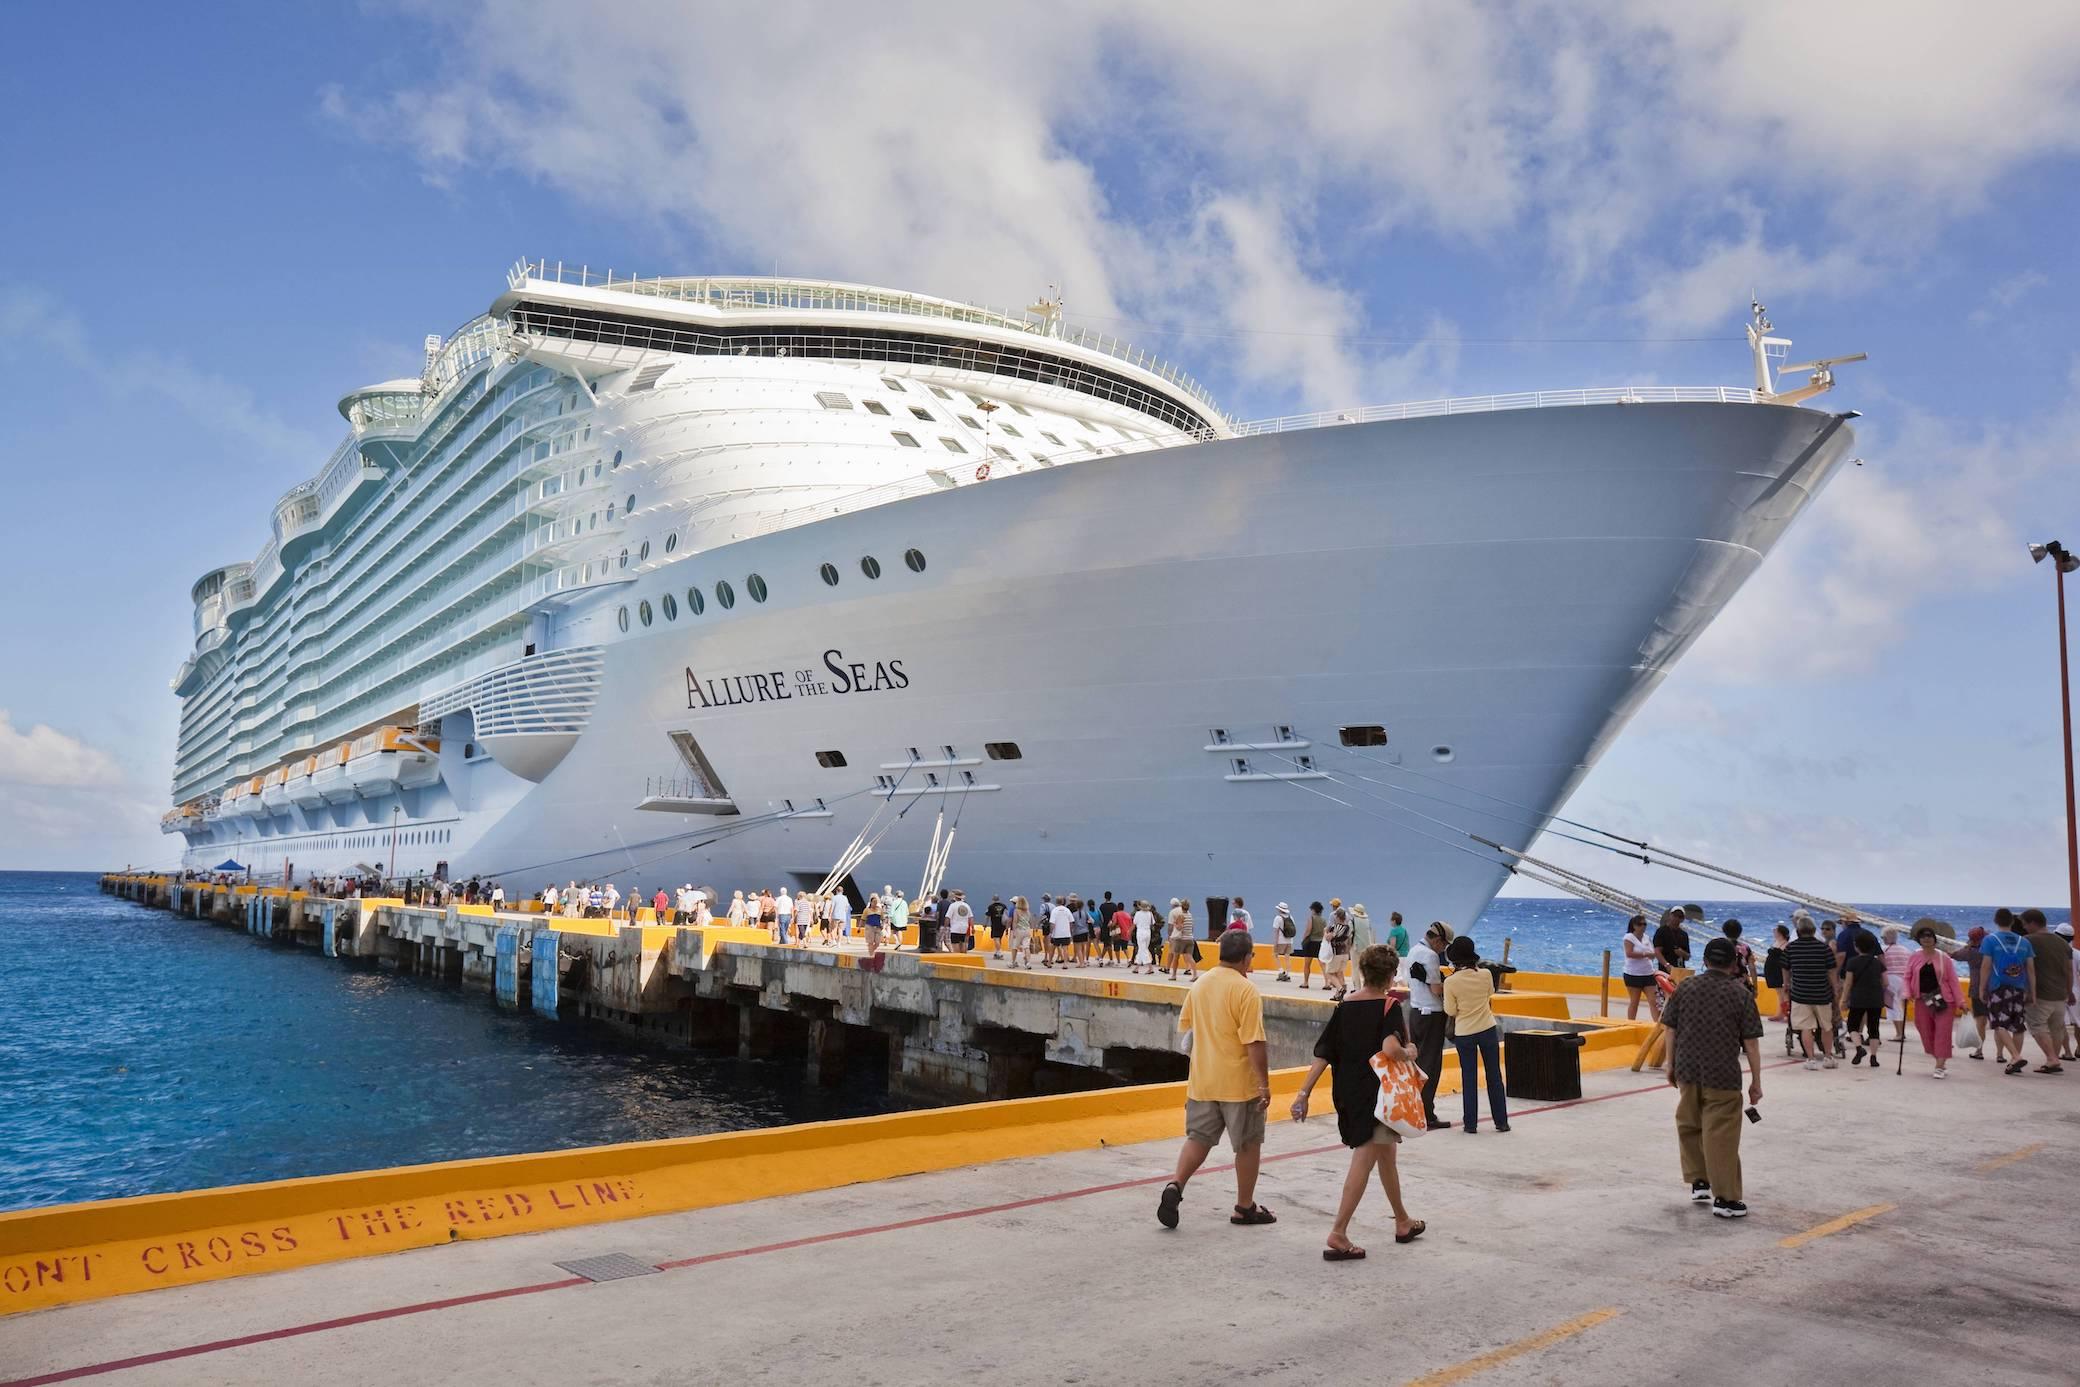 Frau fliegt wegen Foto vom Kreuzfahrtschiff